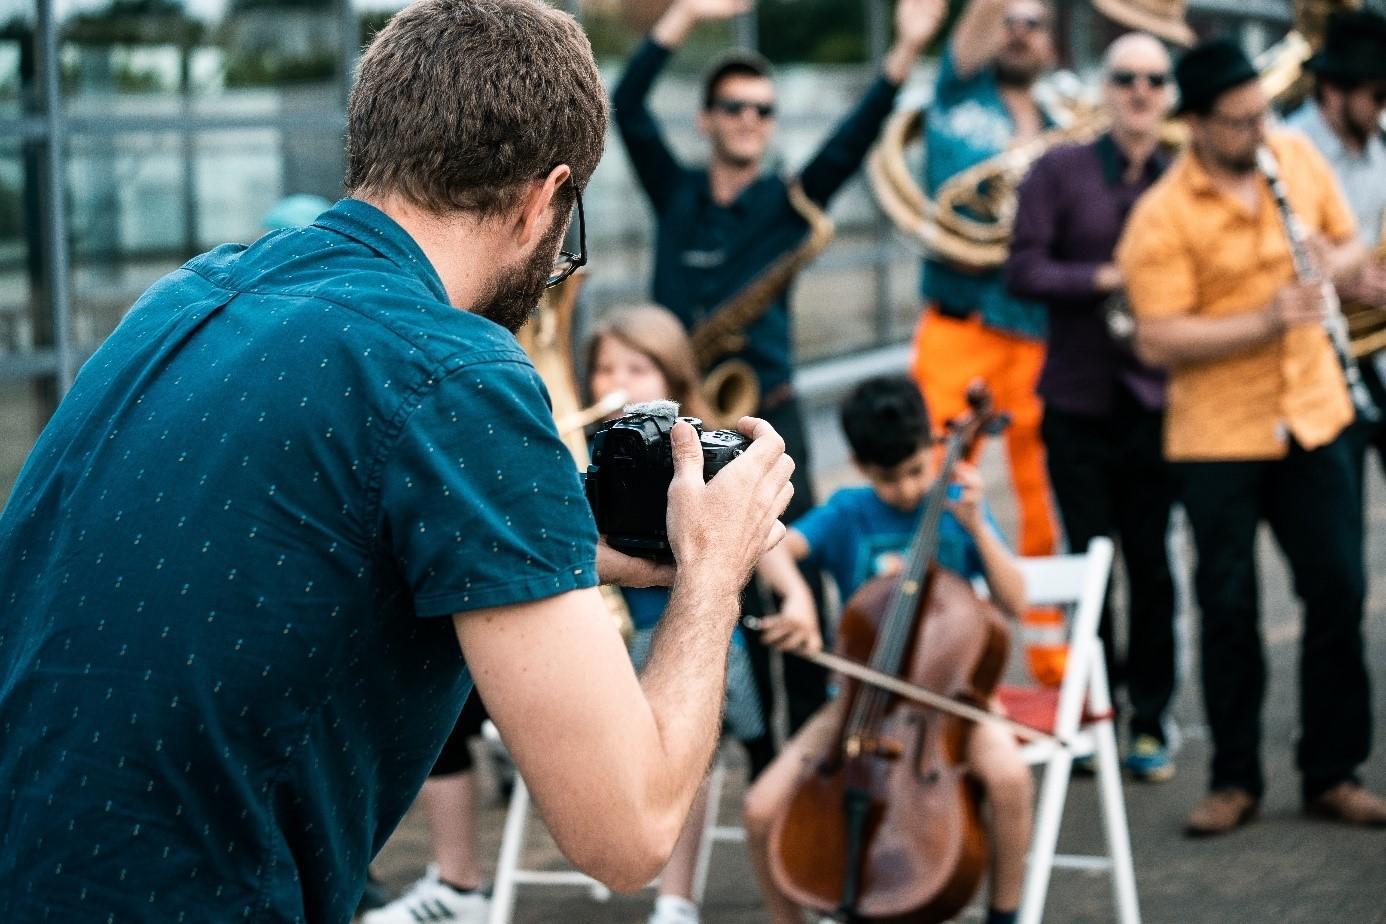 ein Mann von Hinten, wie er Foto und Filmaufnahmen von anderen Menschen macht, die tanzen oder Musik spielen (unscharf)